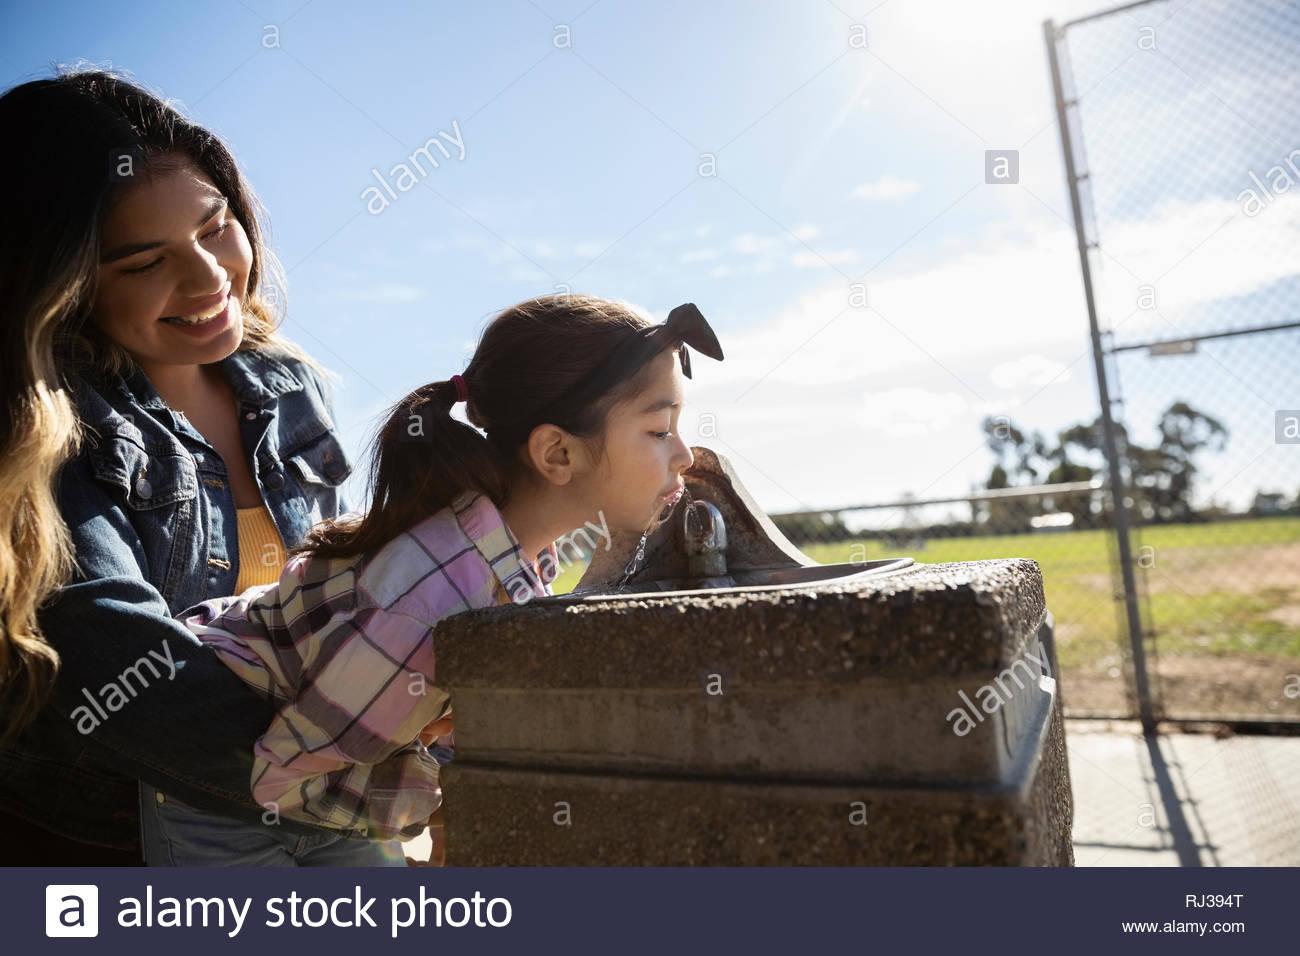 Chica Latinx hermana de elevación a la fuente de agua potable en el parque soleado Imagen De Stock